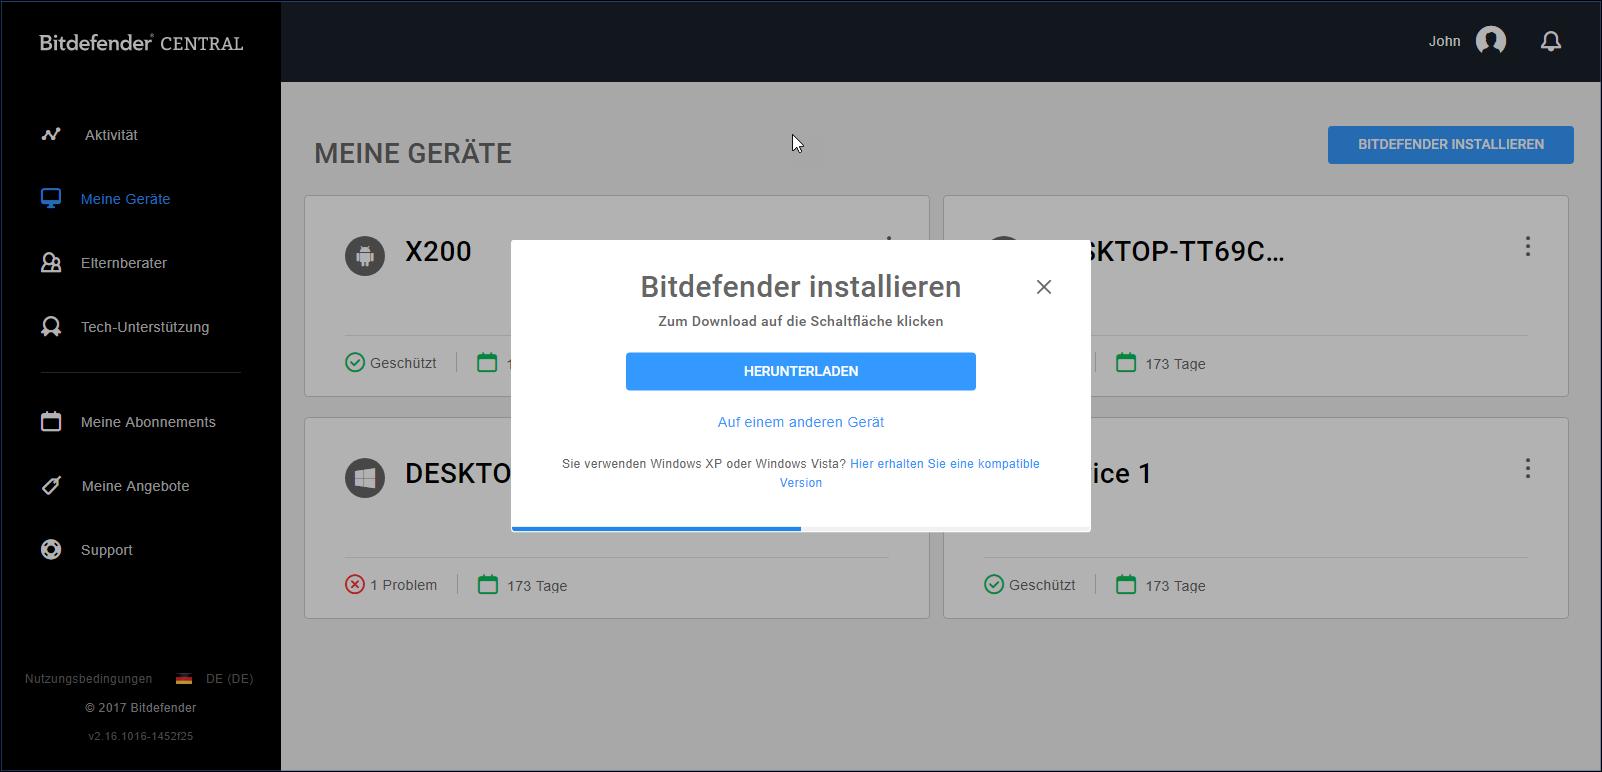 Registrierung und Installation des neuen Bitdefender 2018